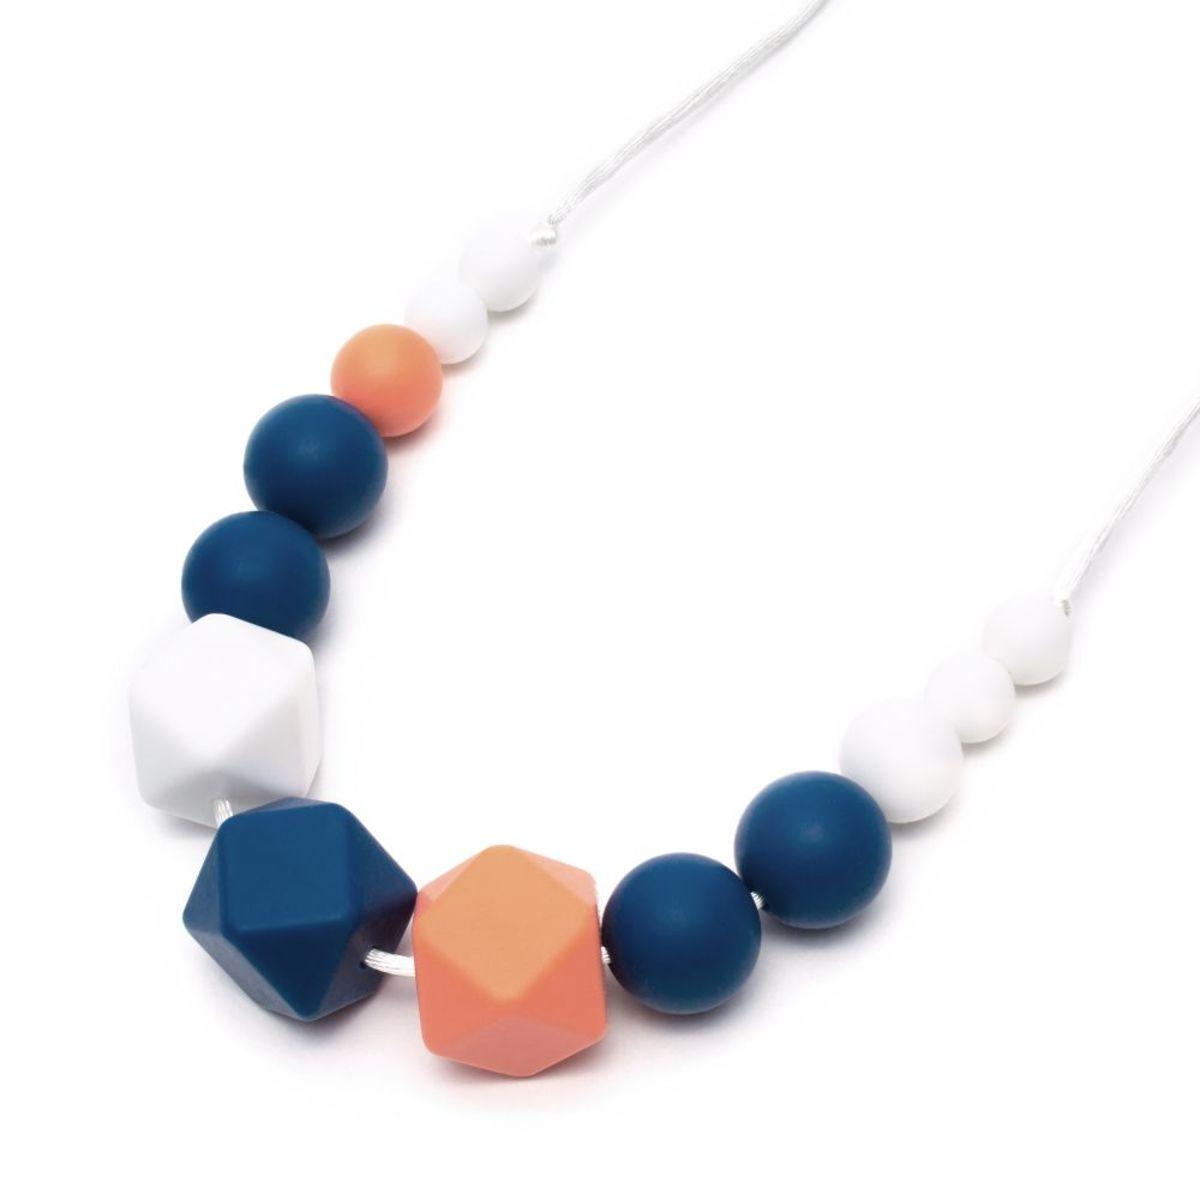 Silikónové dojčiace korále Tommy Silicone necklace